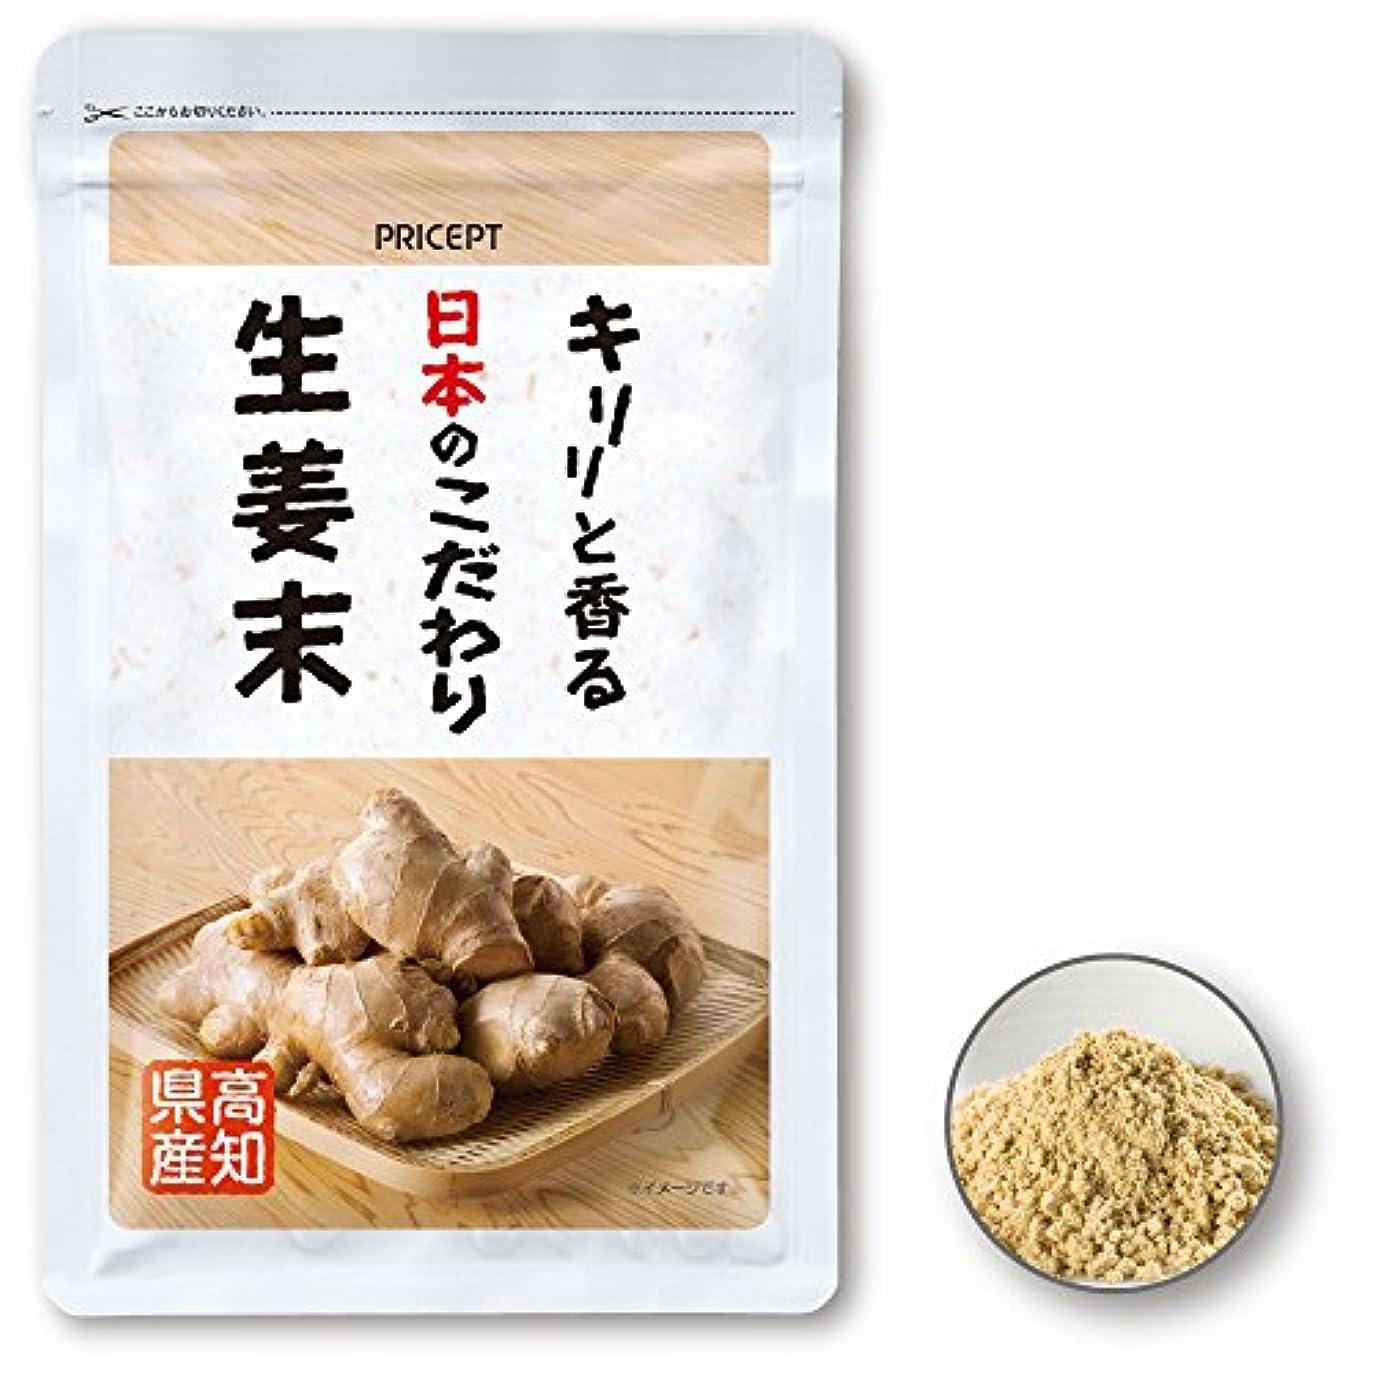 協定マイナス援助するプリセプト キリリと香る日本のこだわり生姜末 50g(単品)(高知県産しょうが粉末)